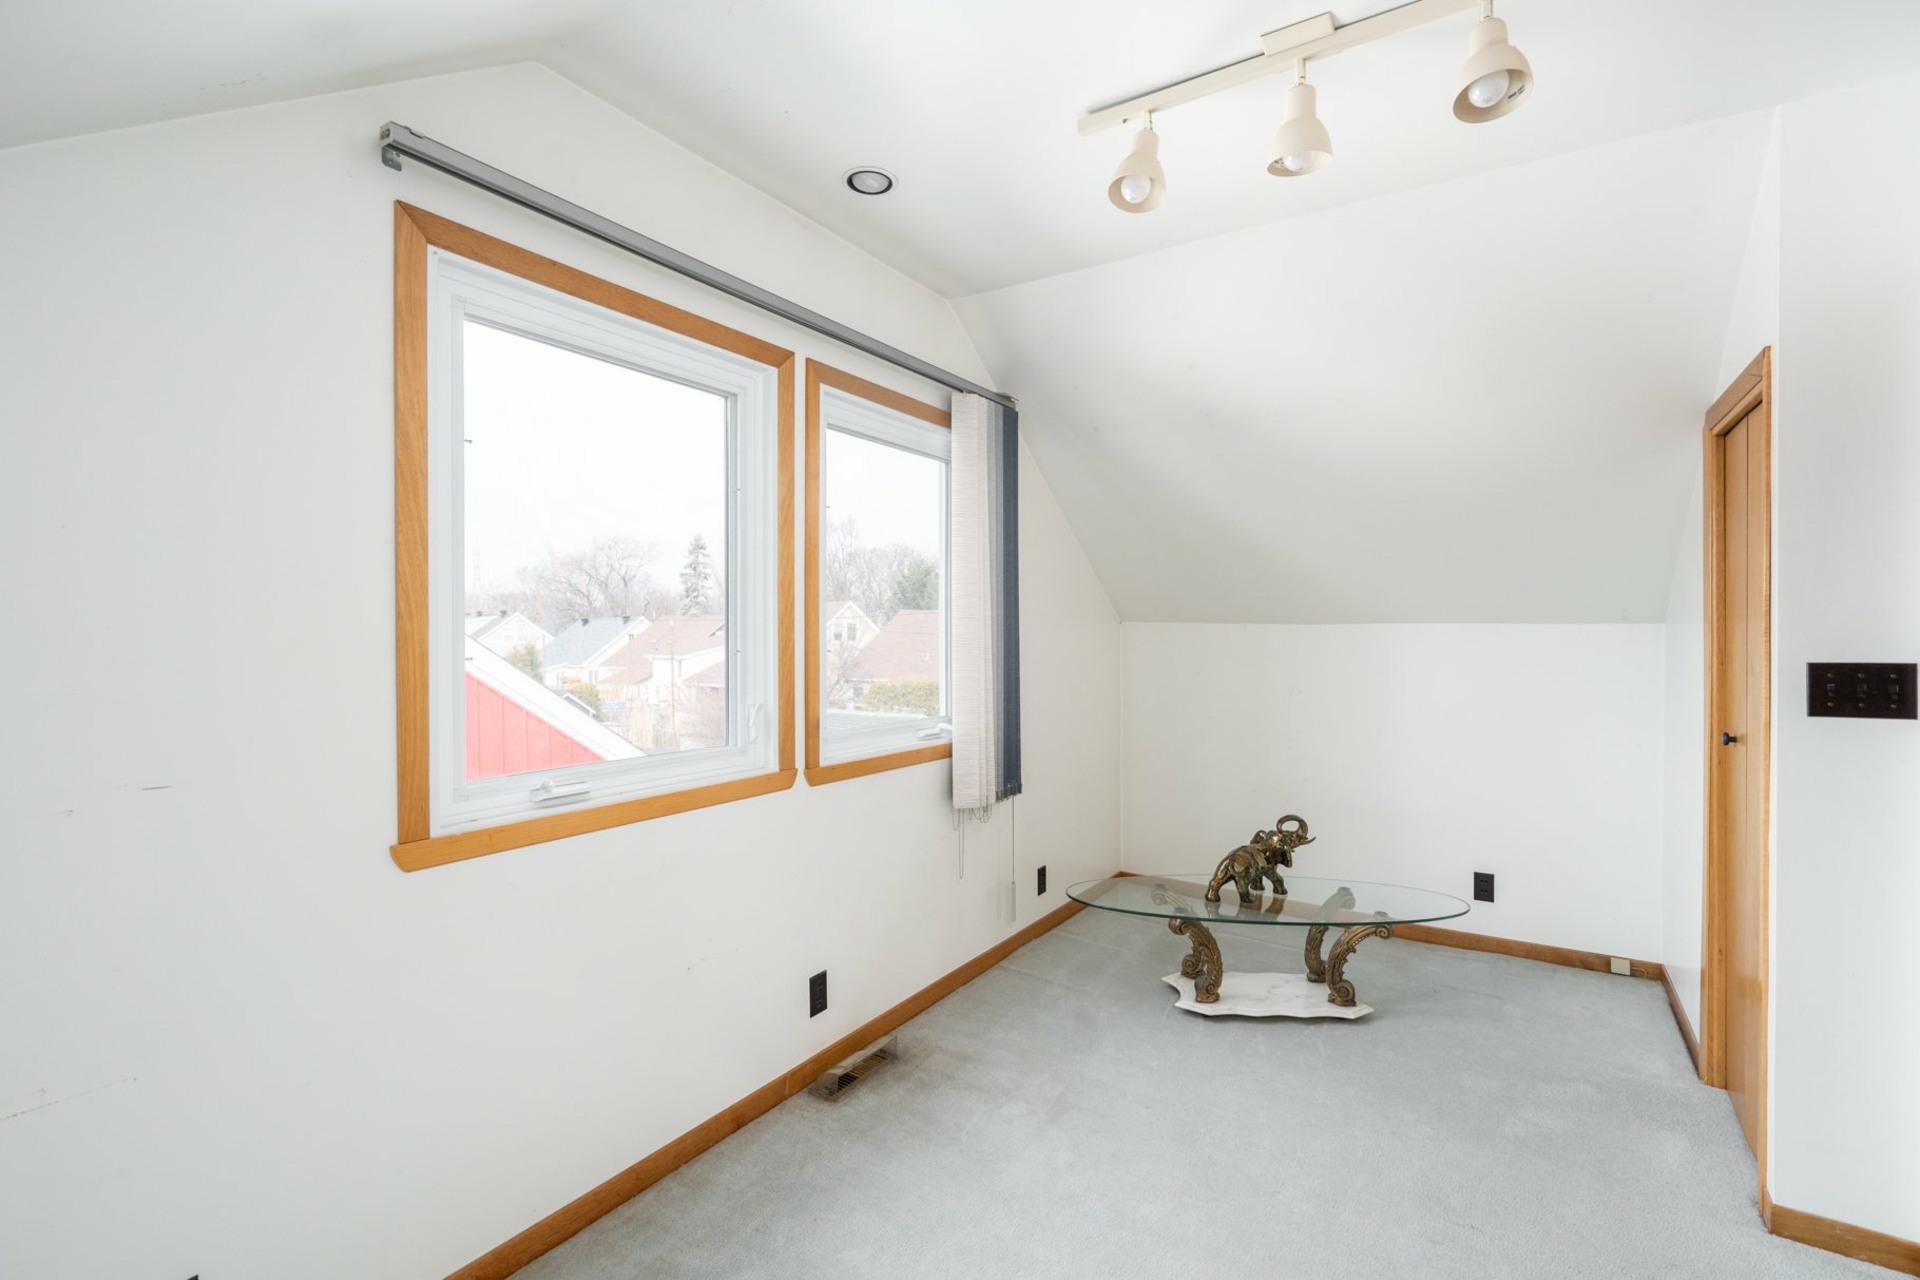 image 11 - House For sale Saint-Laurent Montréal  - 9 rooms